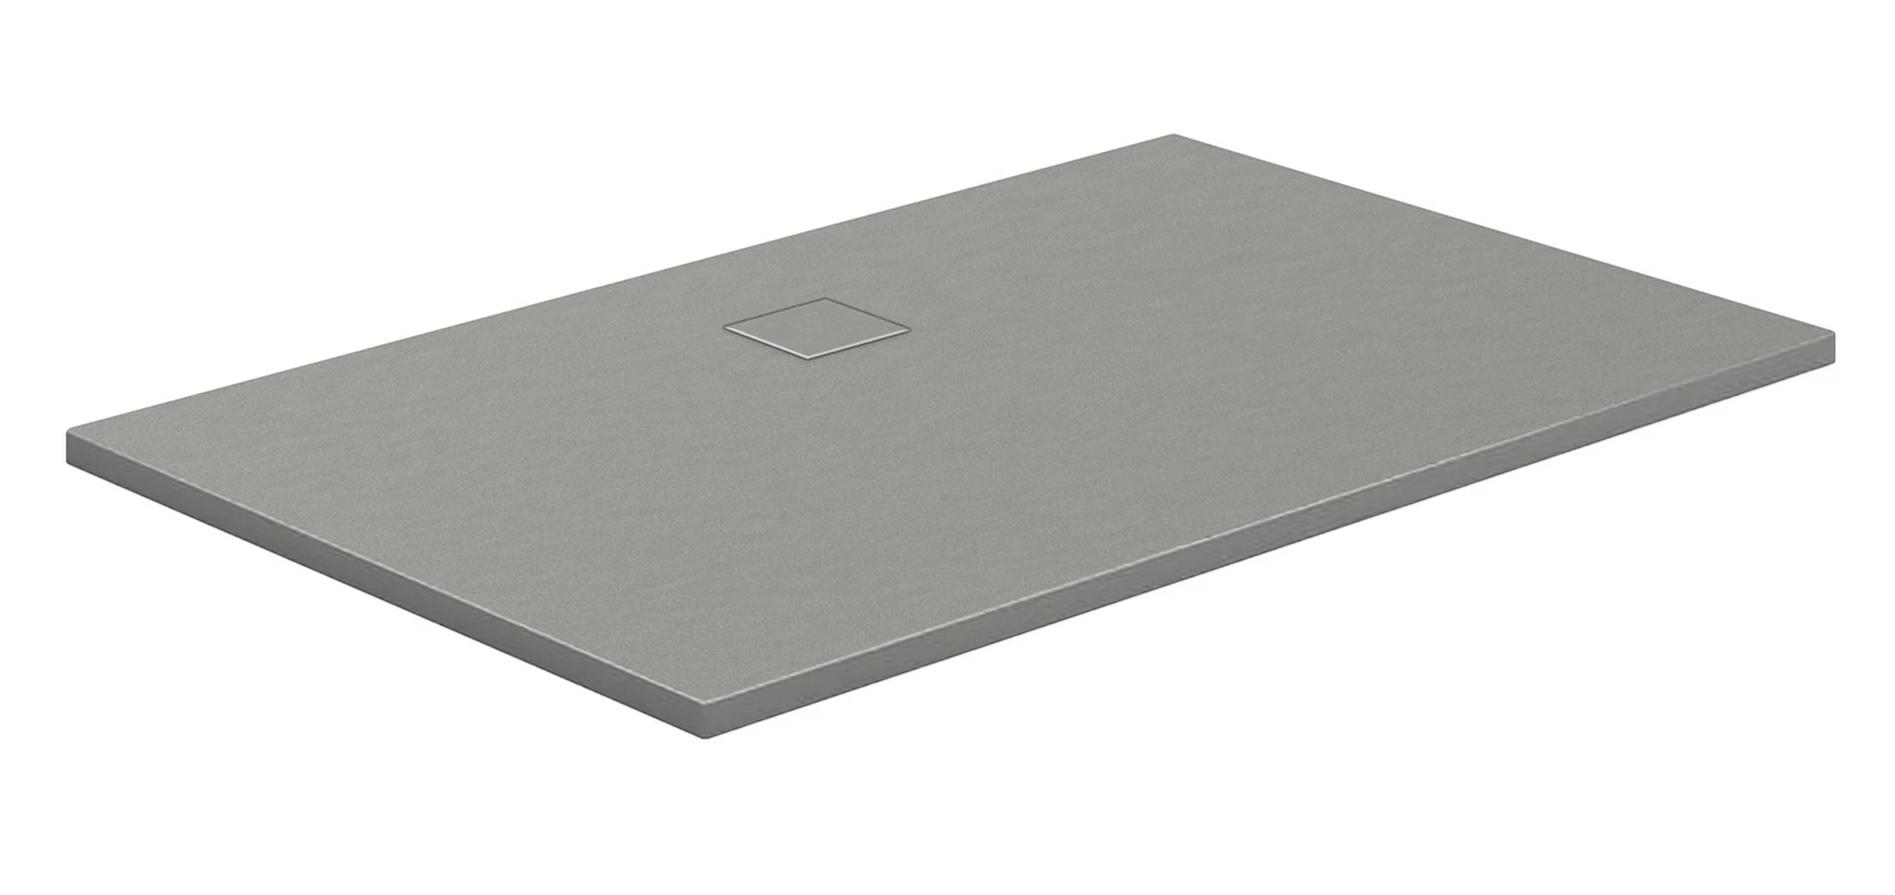 HSK Marmor-Polymer-Duschwannen, Steinoptik - Rechteck 80x140 Weiß ohne AntiSlip-Beschichtigung